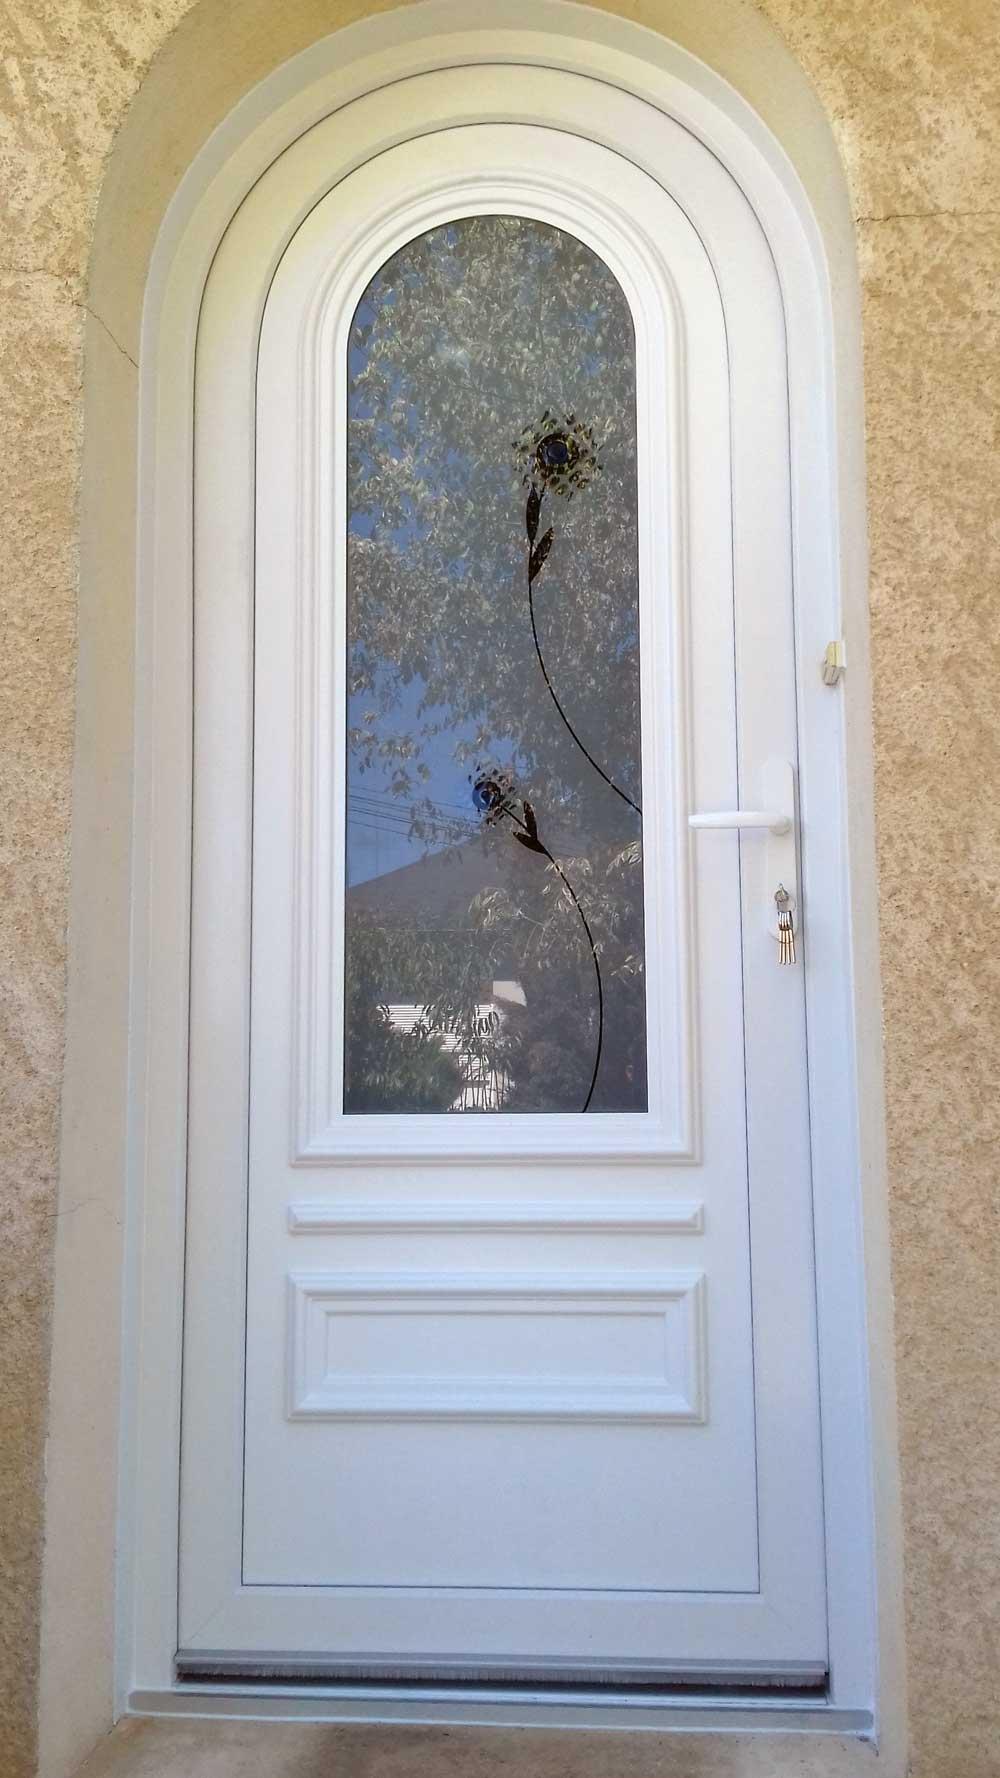 Porte Entrée PVC Blanc cintrée Lauvie Menuiserie vitrage décoratif, soubassement